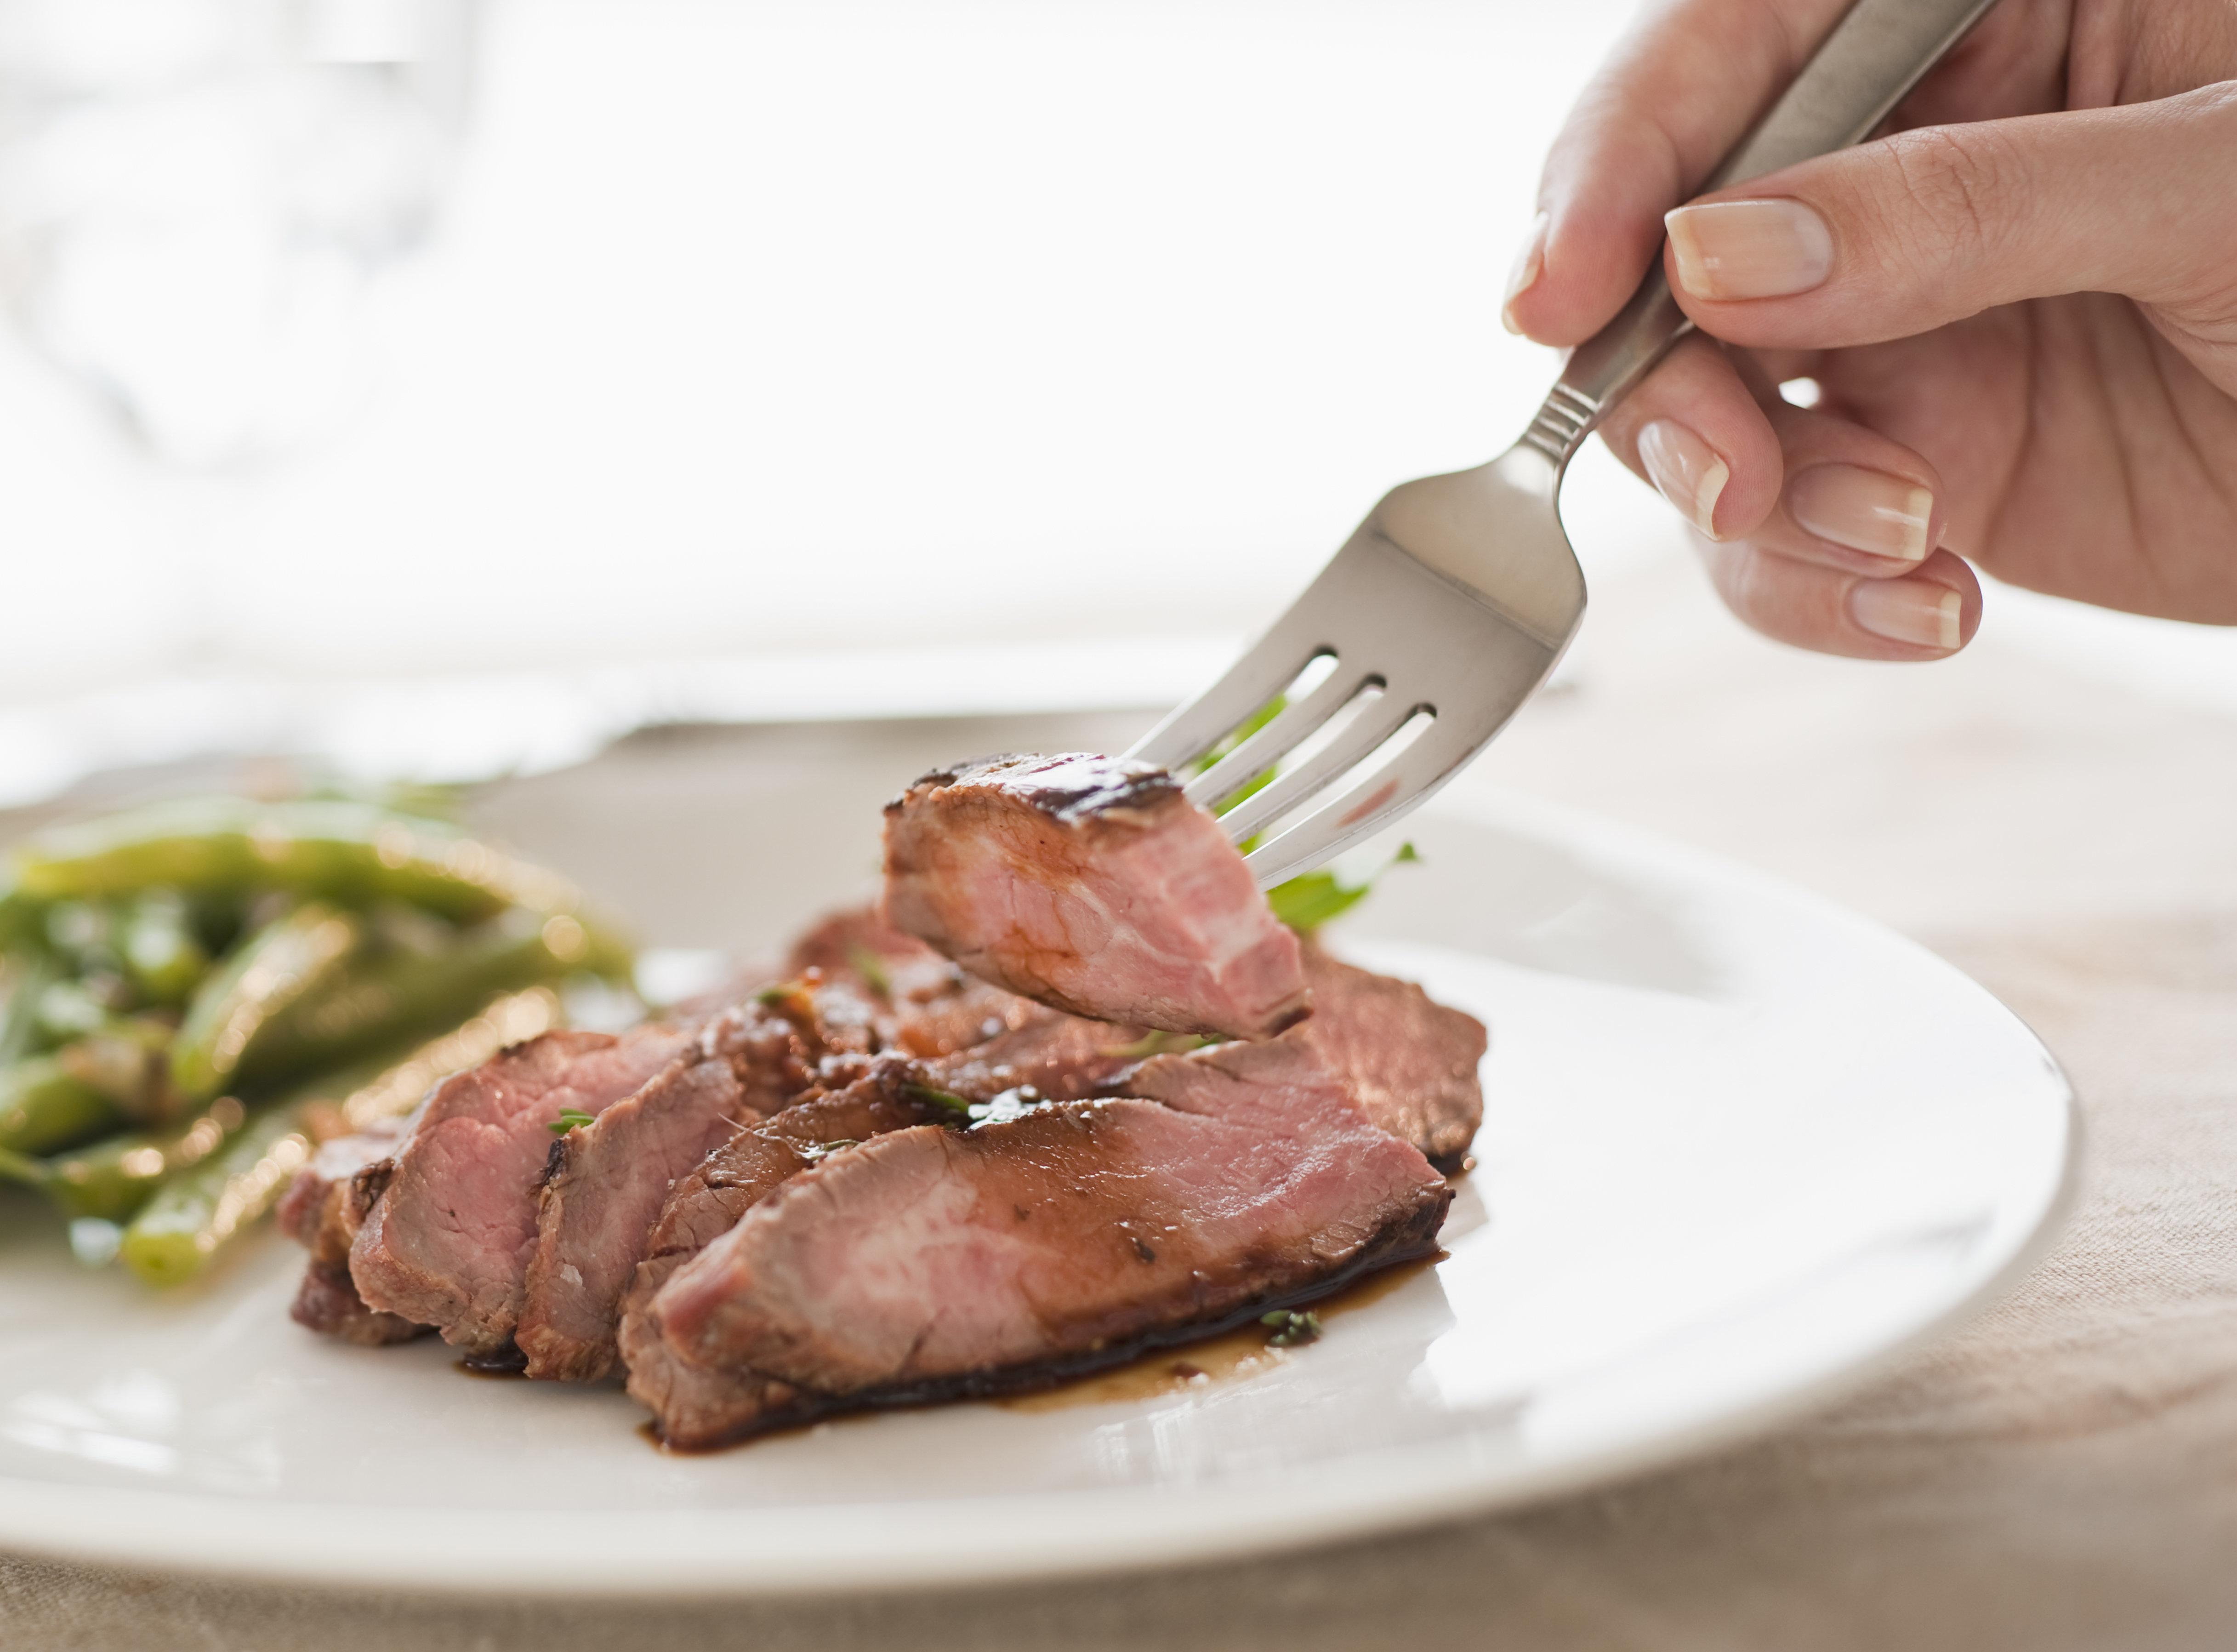 female hands holding forkful of sliced sirloin, gravy, green beans